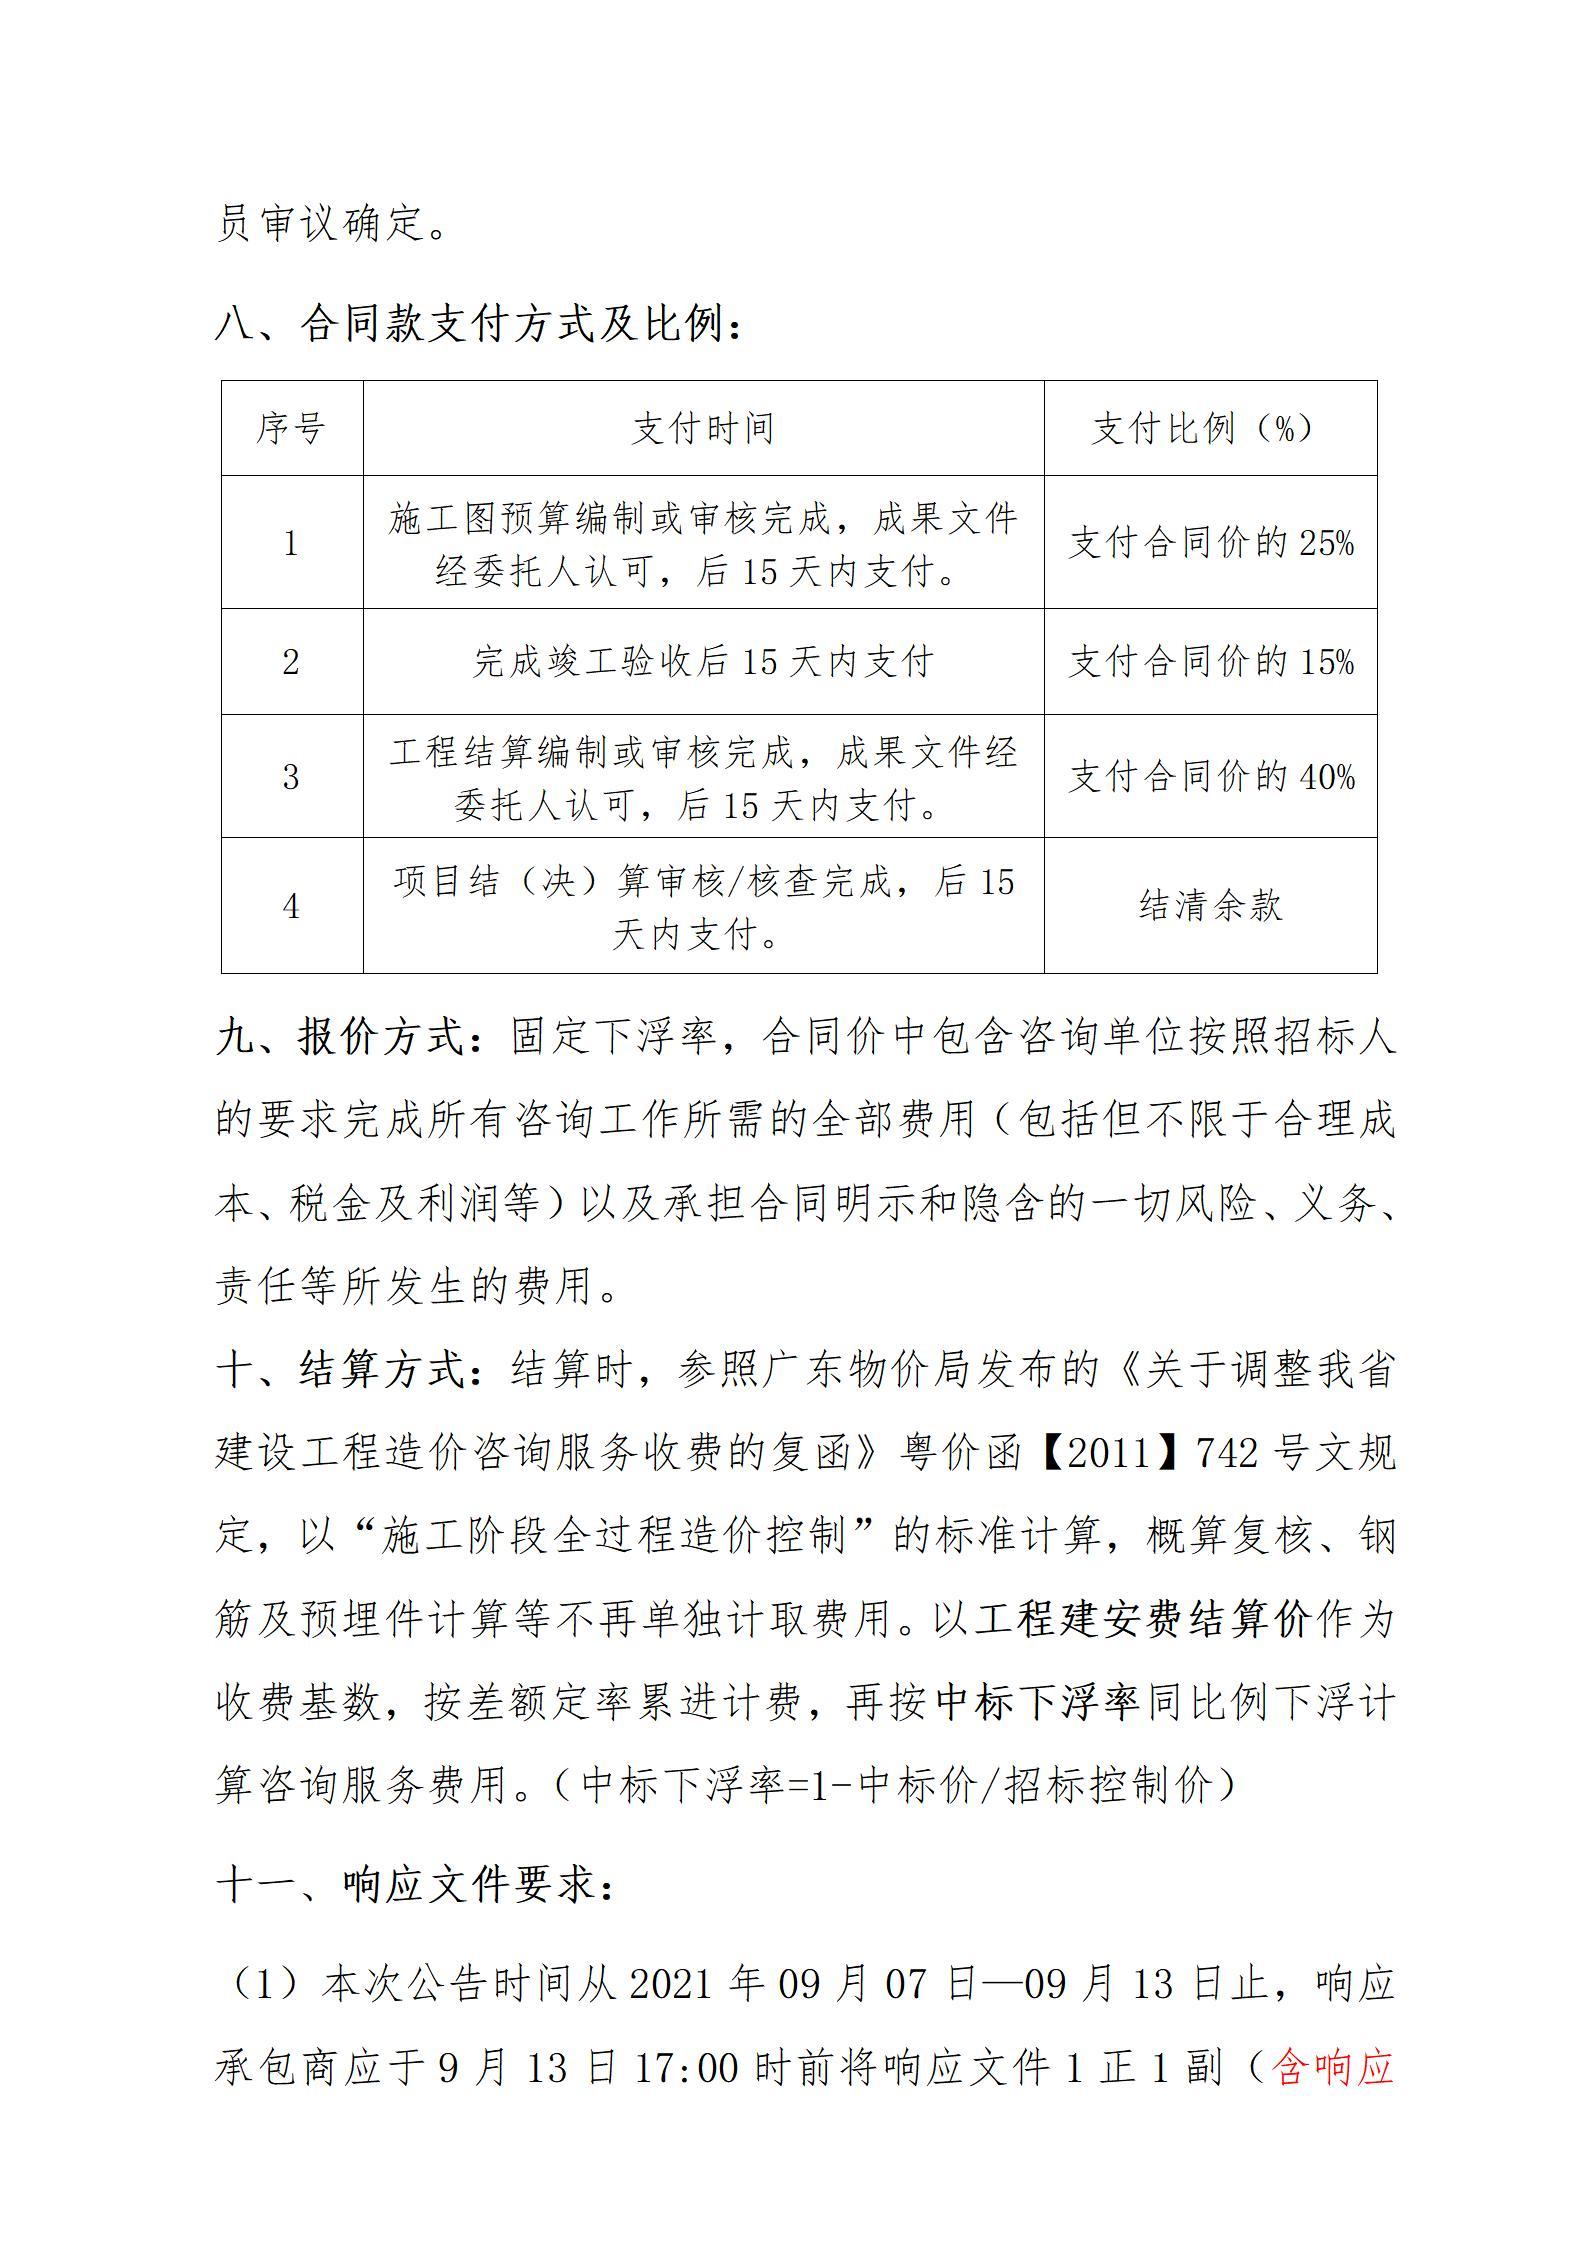 景乐综合市场升级改造项目造价咨询 公开遴选公告